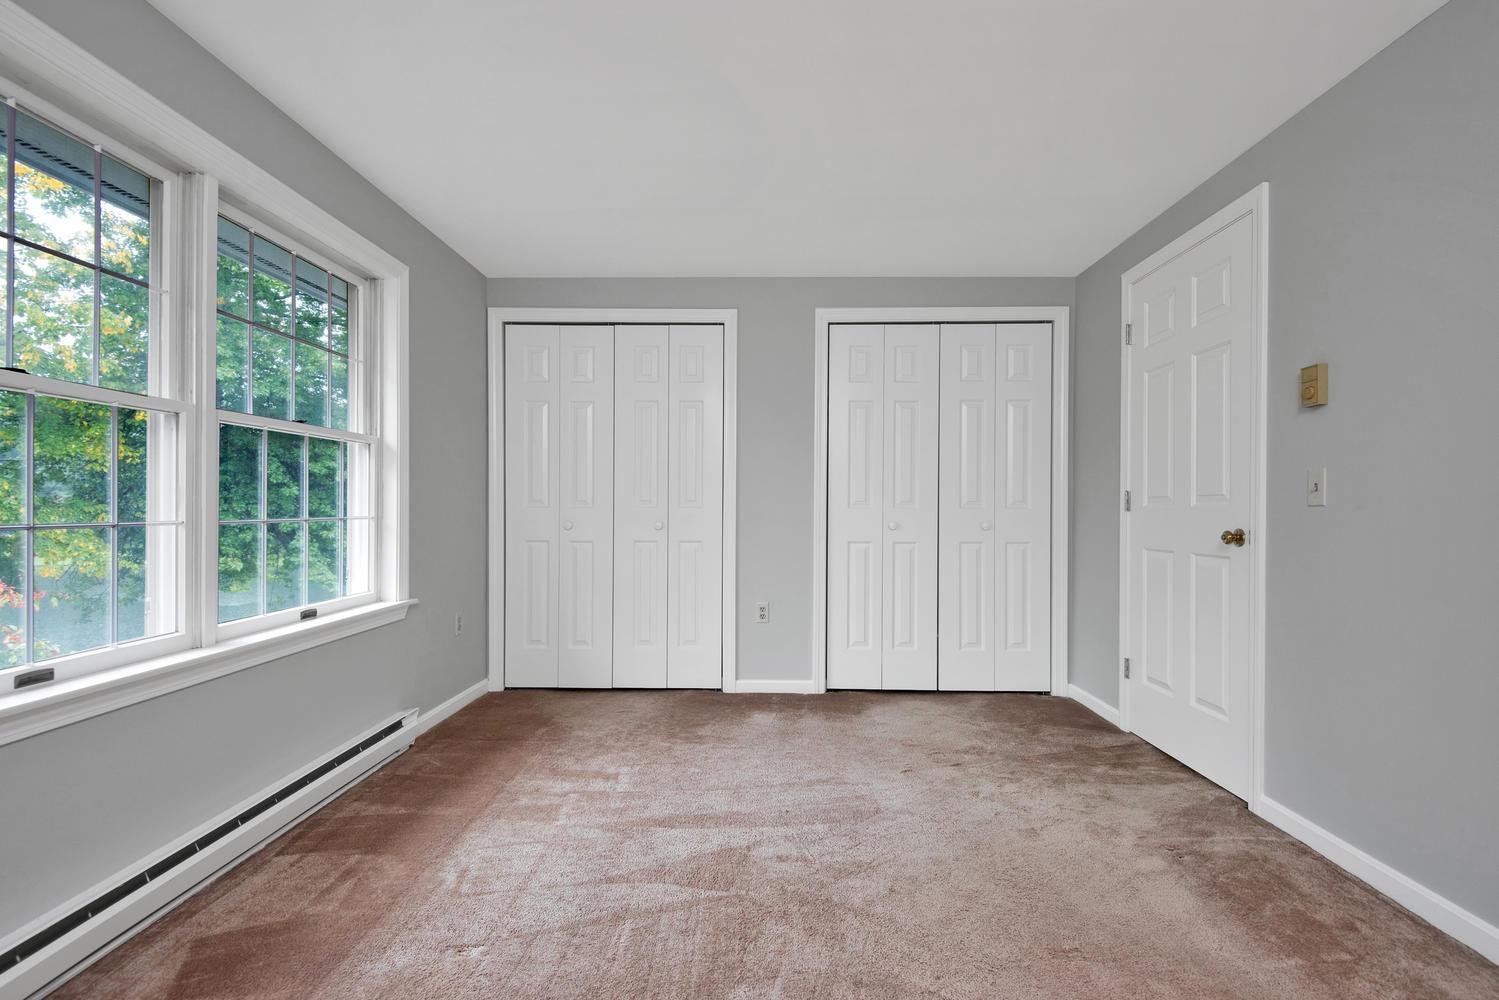 11 Crestfield Terrace Portland-large-028-22-Bedroom 2-1499x1000-72dpi_1.jpg